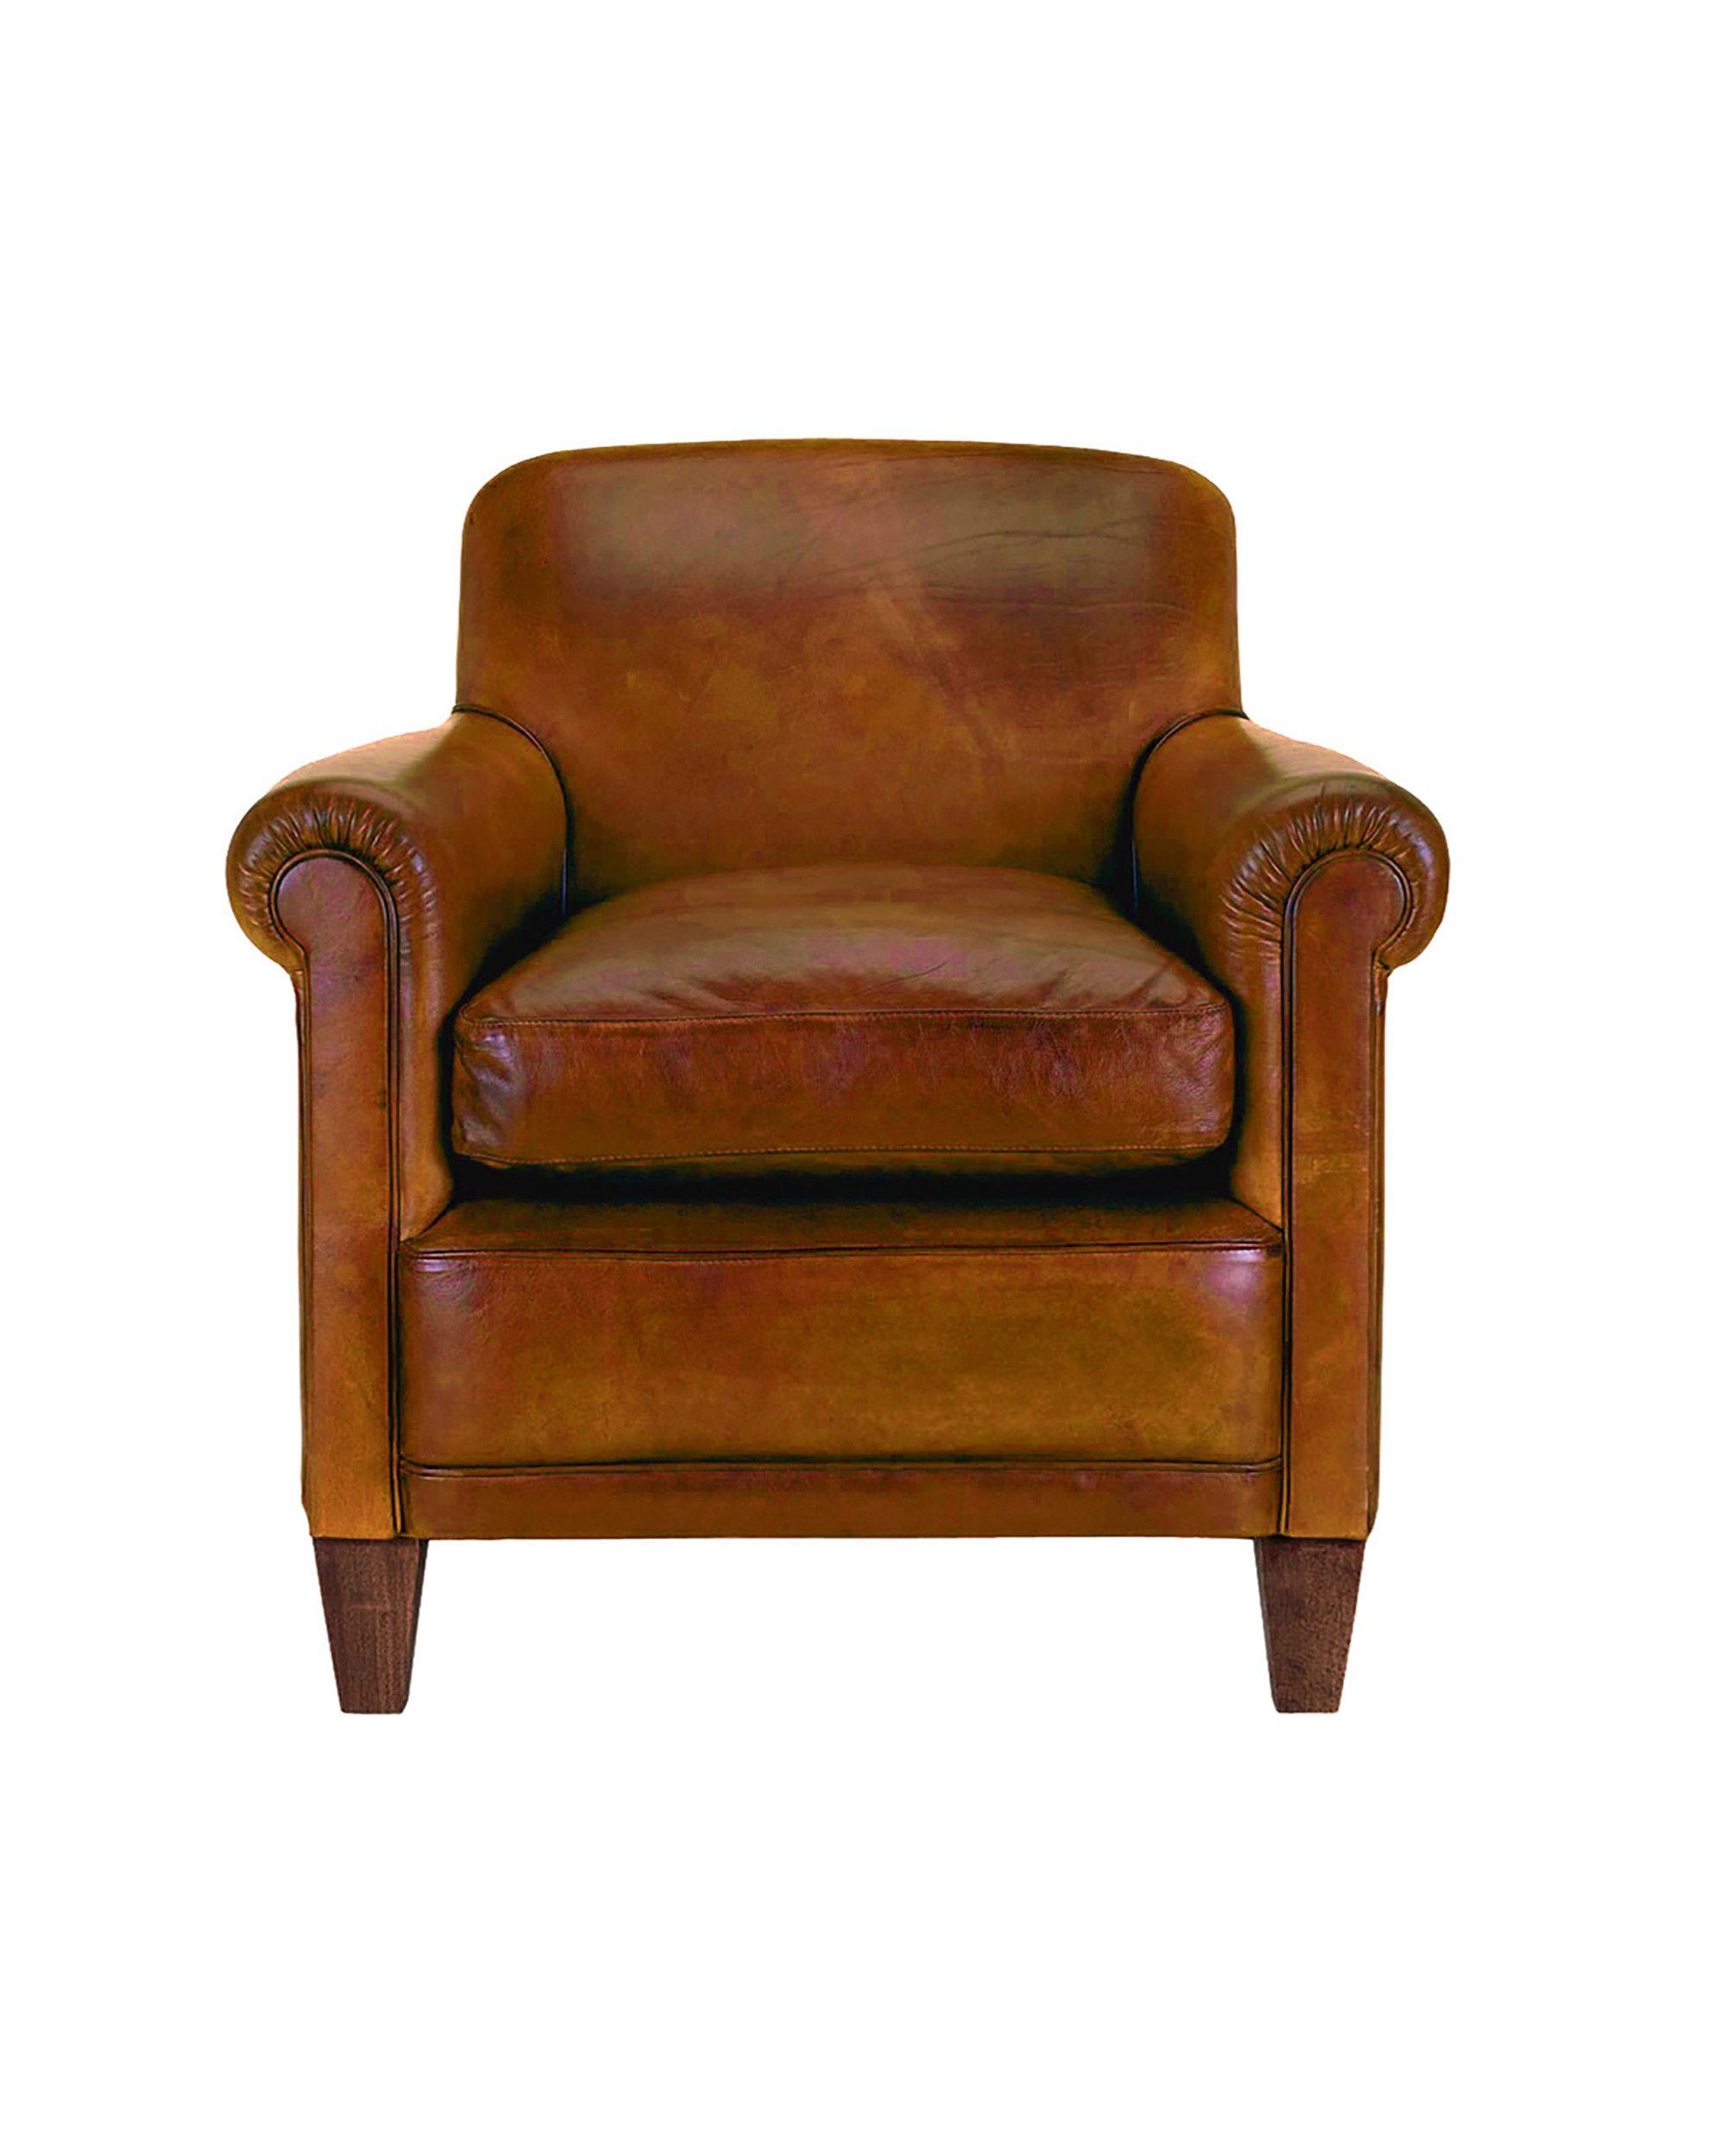 Laura Ashley Leather Sofa Burlington Leather Small 2